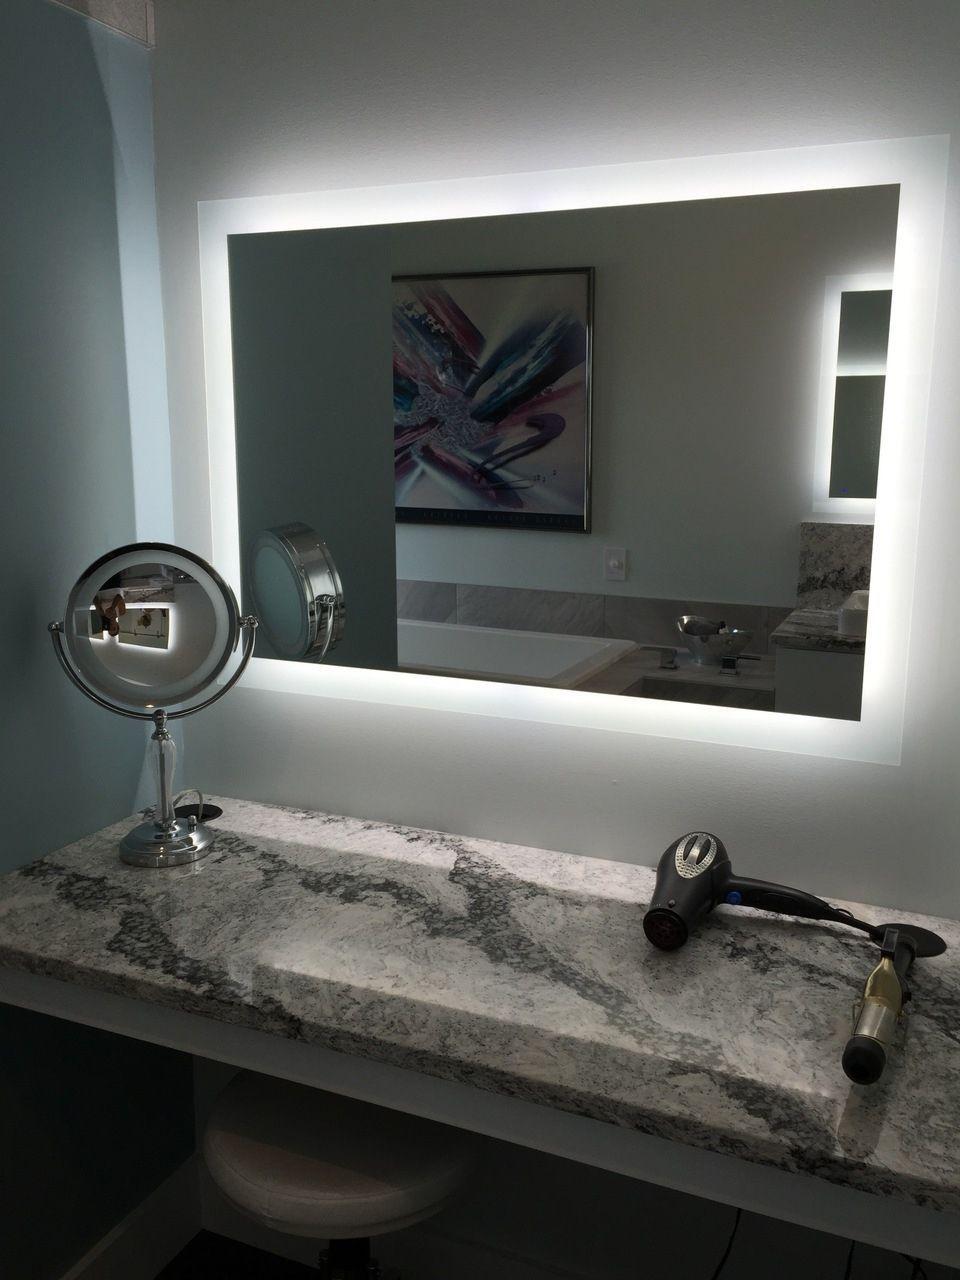 10 Budget Friendly Diy Vanity Mirror Ideas Diy Vanity Mirror